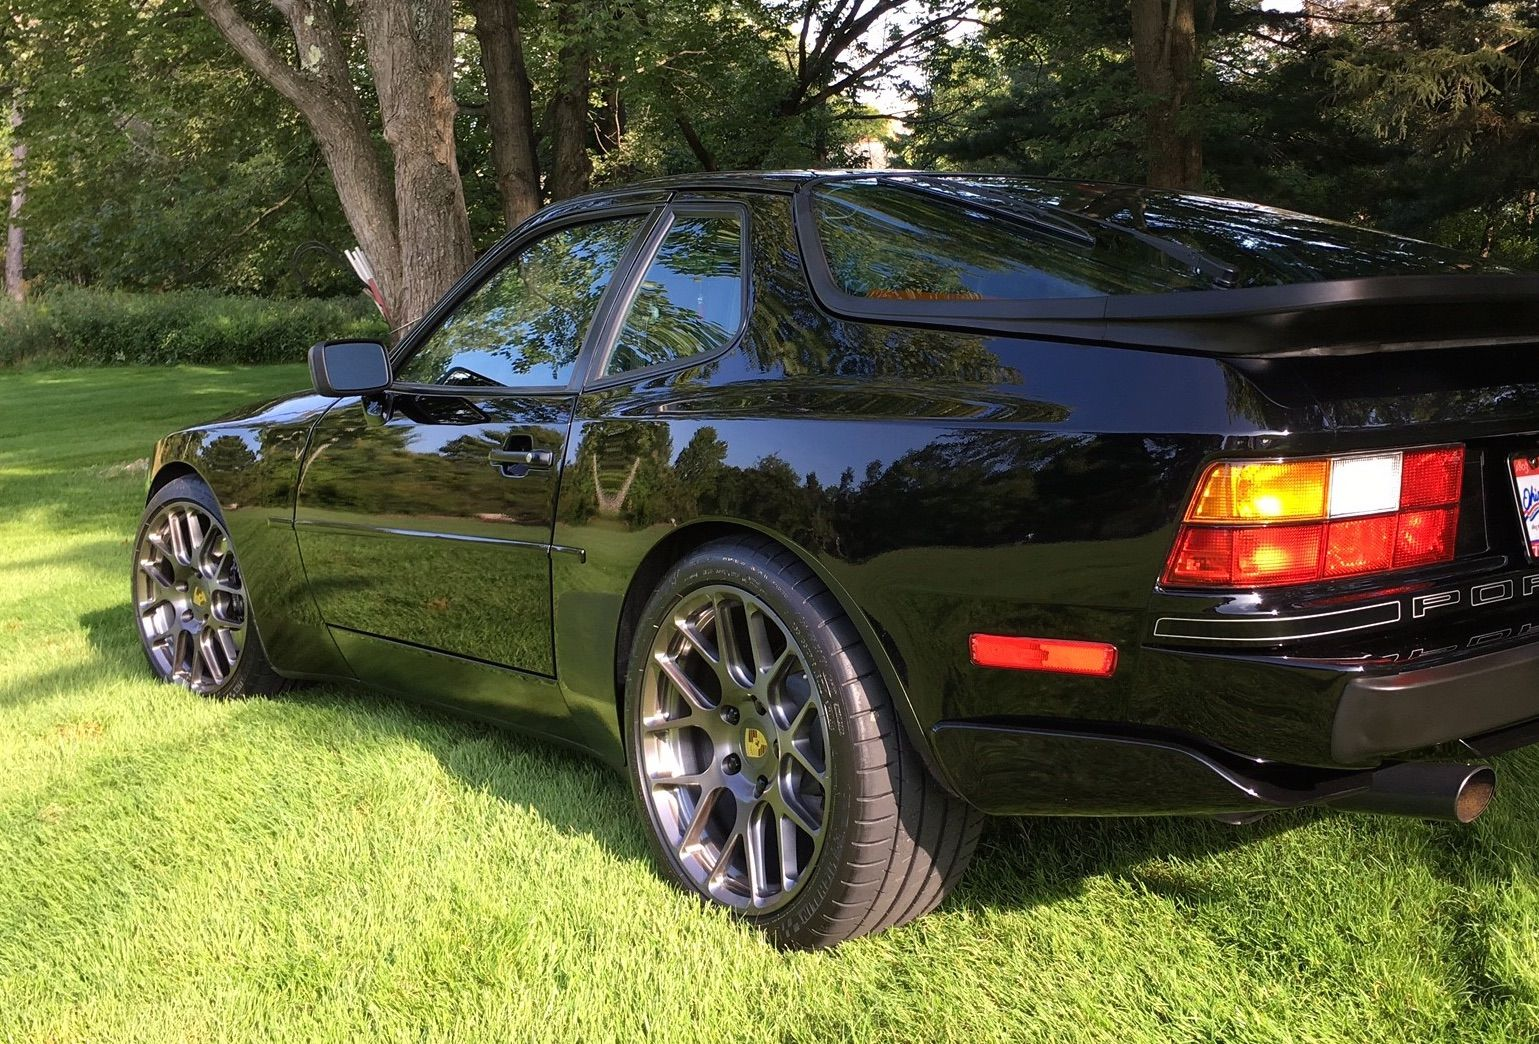 1989 Porsche 944 | Wheel Enhancement Fit This Porsche 944 Turbo on Forgeline One Piece Forged Monoblock SE1 Wheels